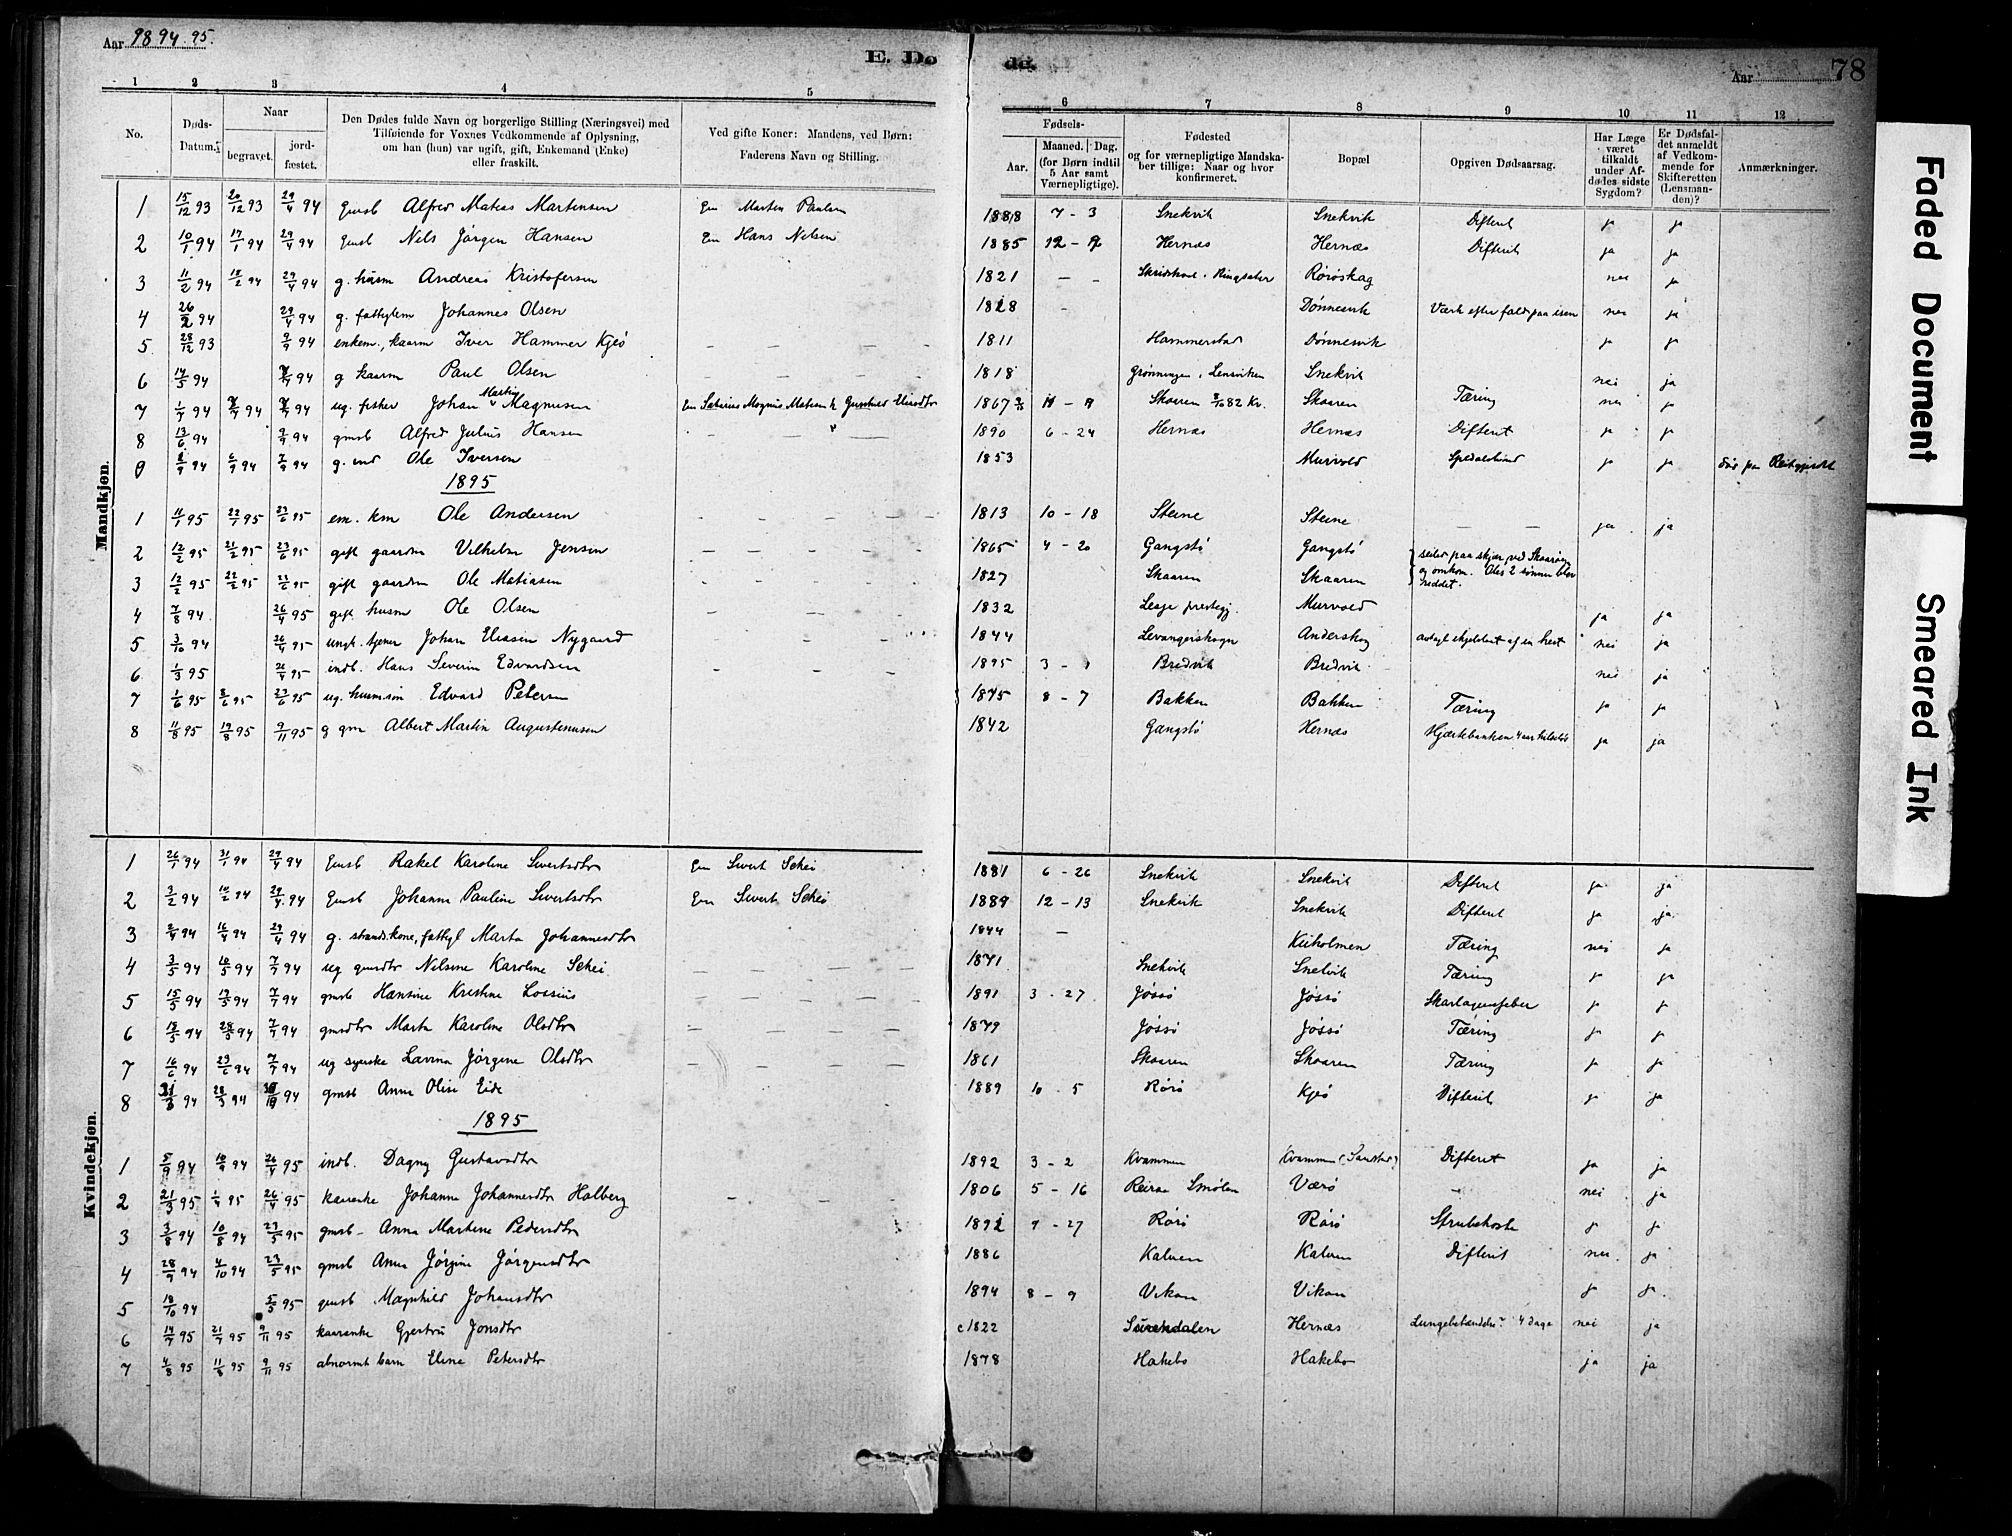 SAT, Ministerialprotokoller, klokkerbøker og fødselsregistre - Sør-Trøndelag, 635/L0551: Ministerialbok nr. 635A01, 1882-1899, s. 78